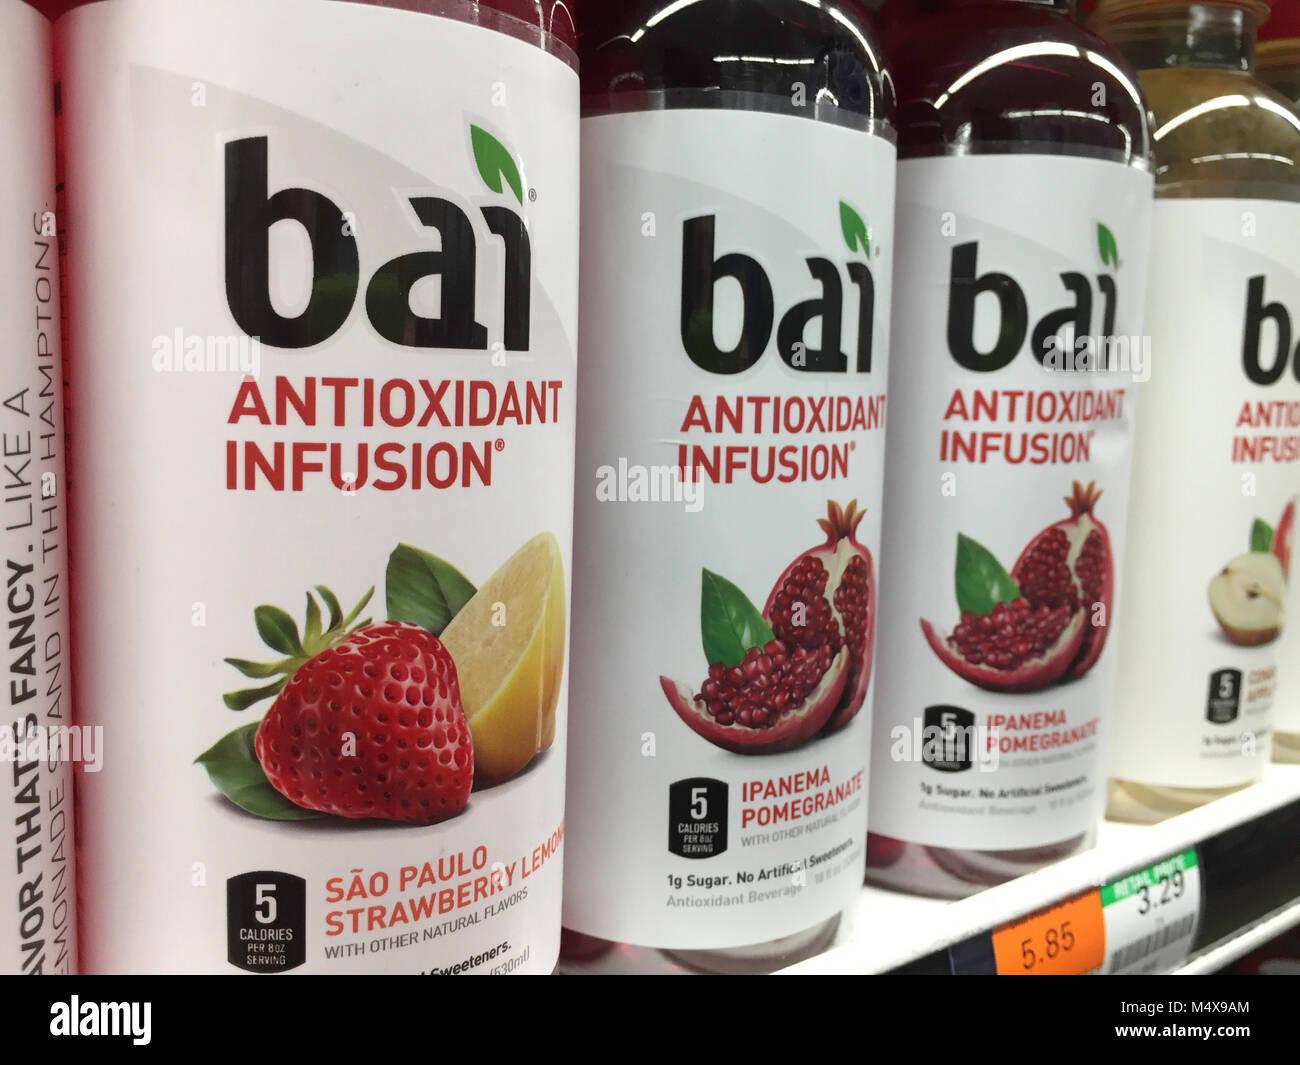 Bai antiossidante bevanda infusione a D'Agostino Drogheria a New York City, Stati Uniti Immagini Stock